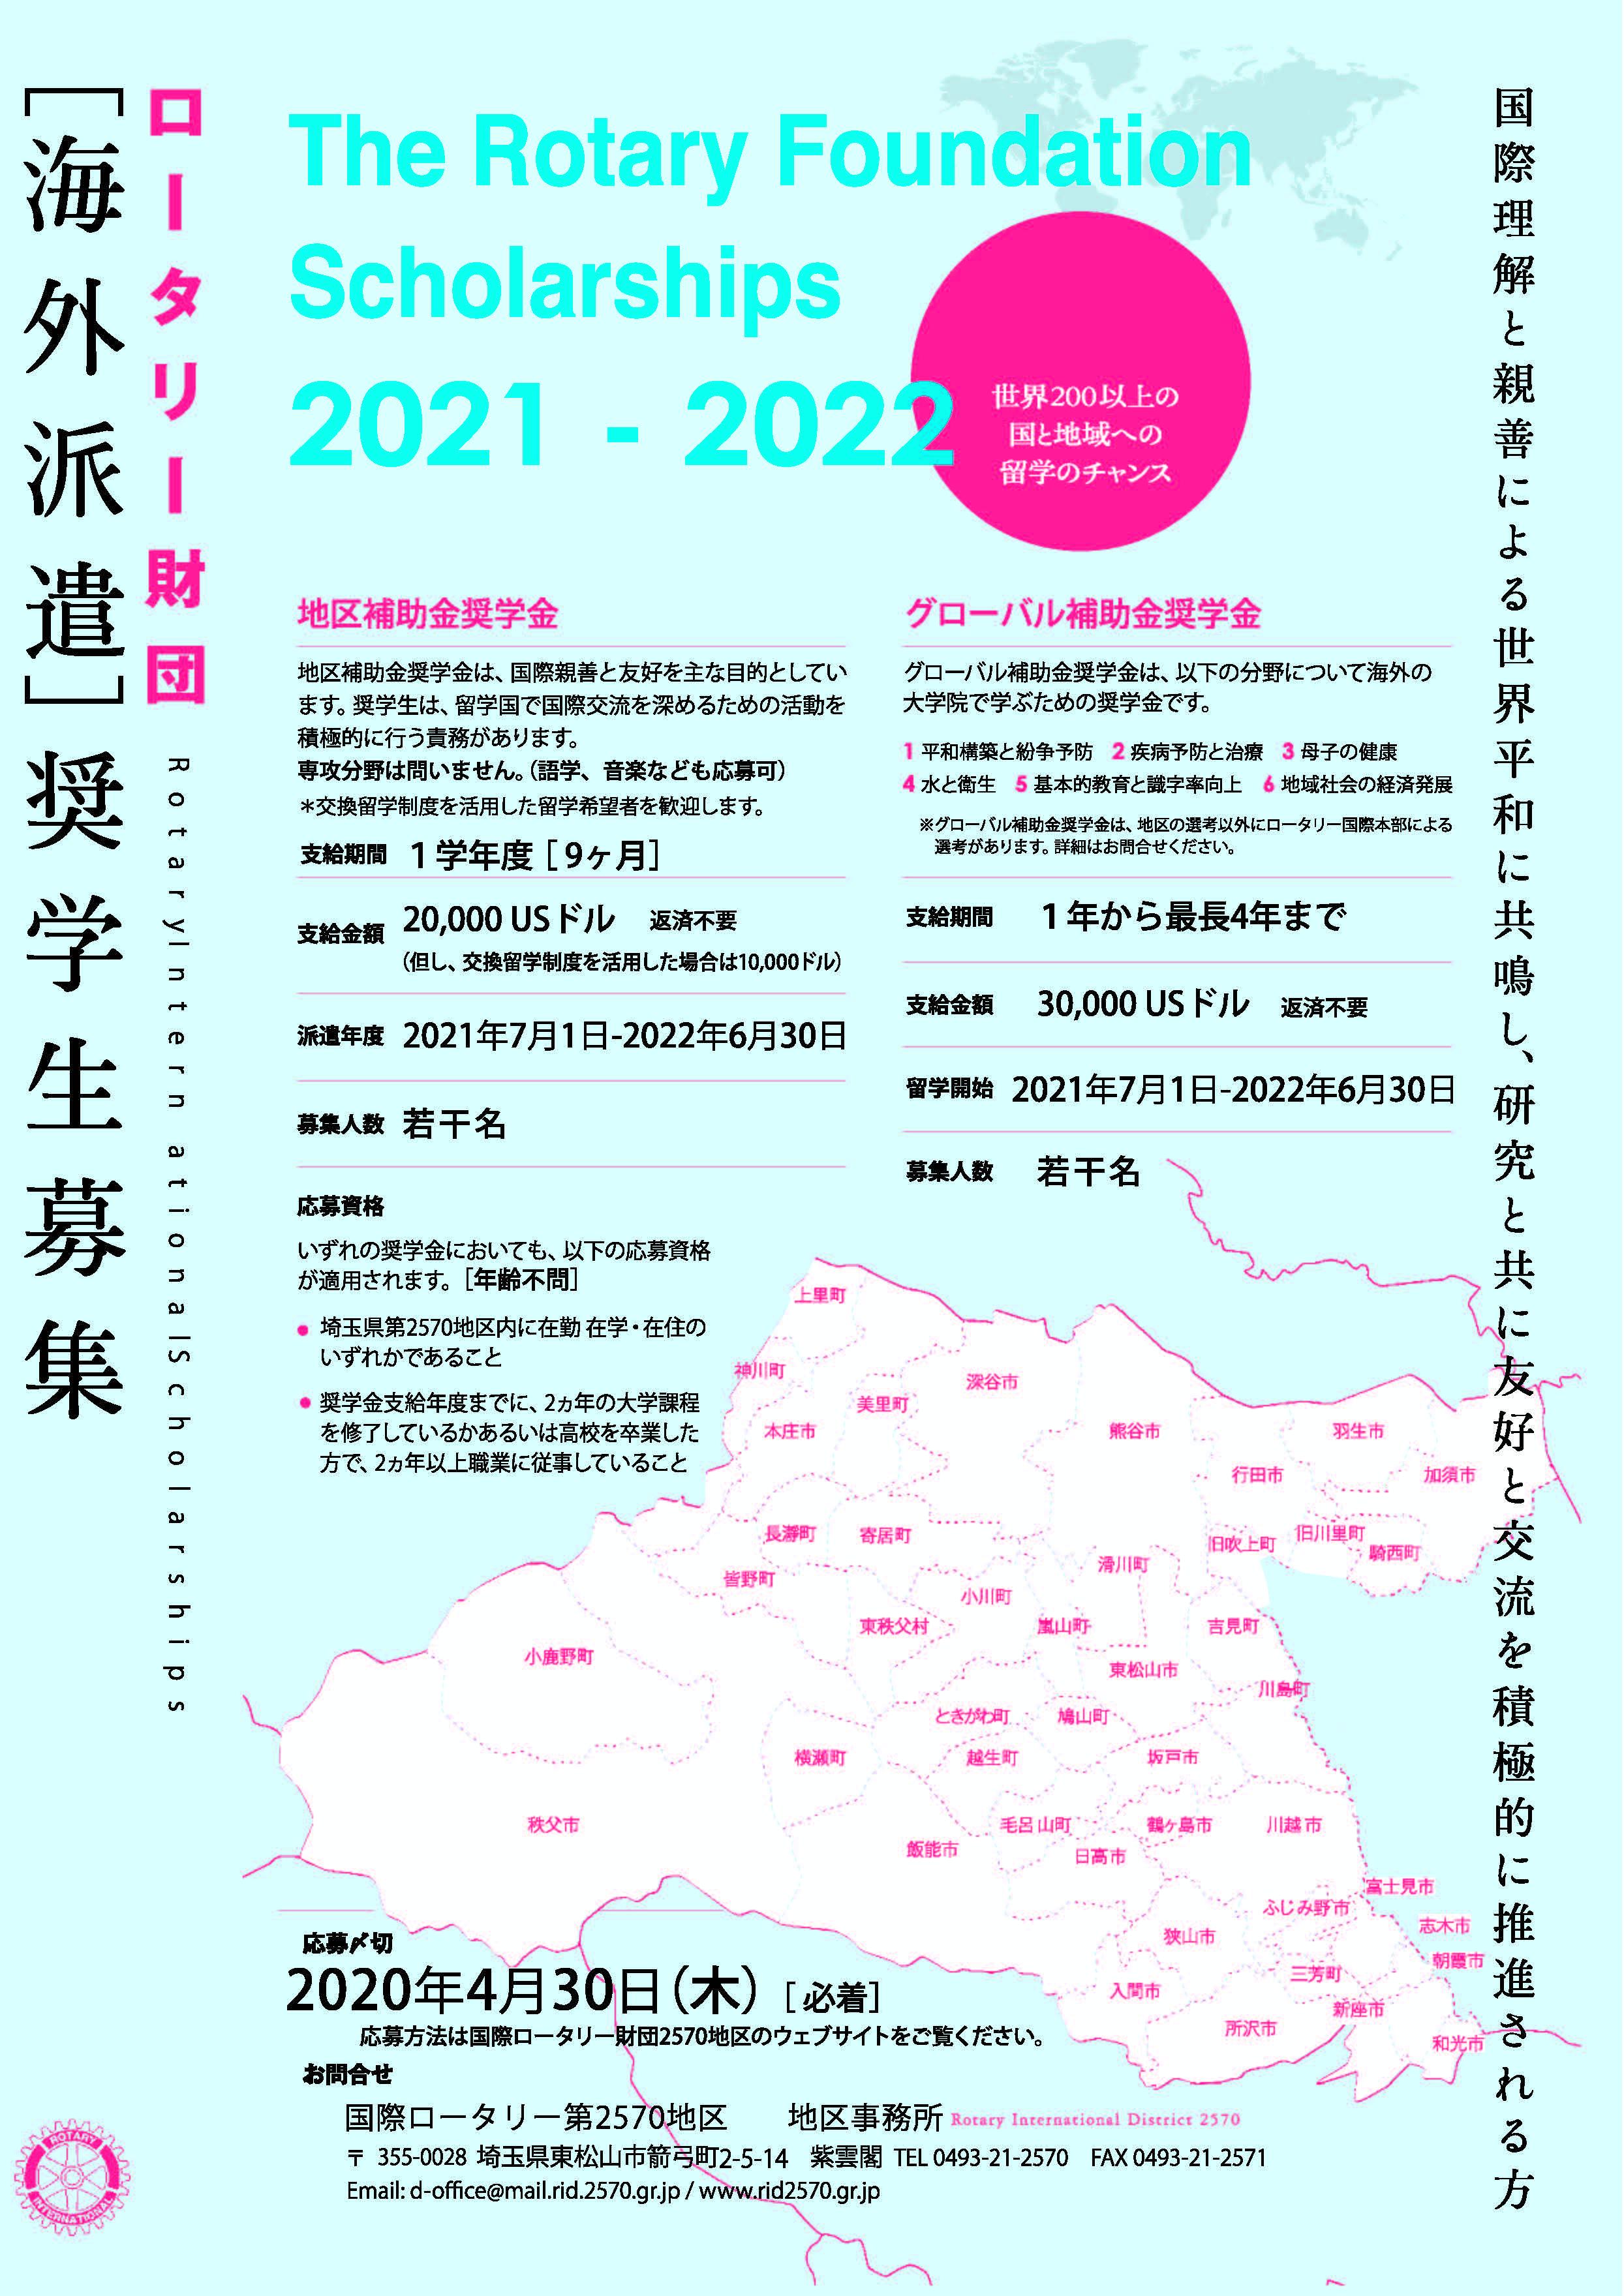 ロータリー財団 [海外派遣]奨学生募集 2021-2022